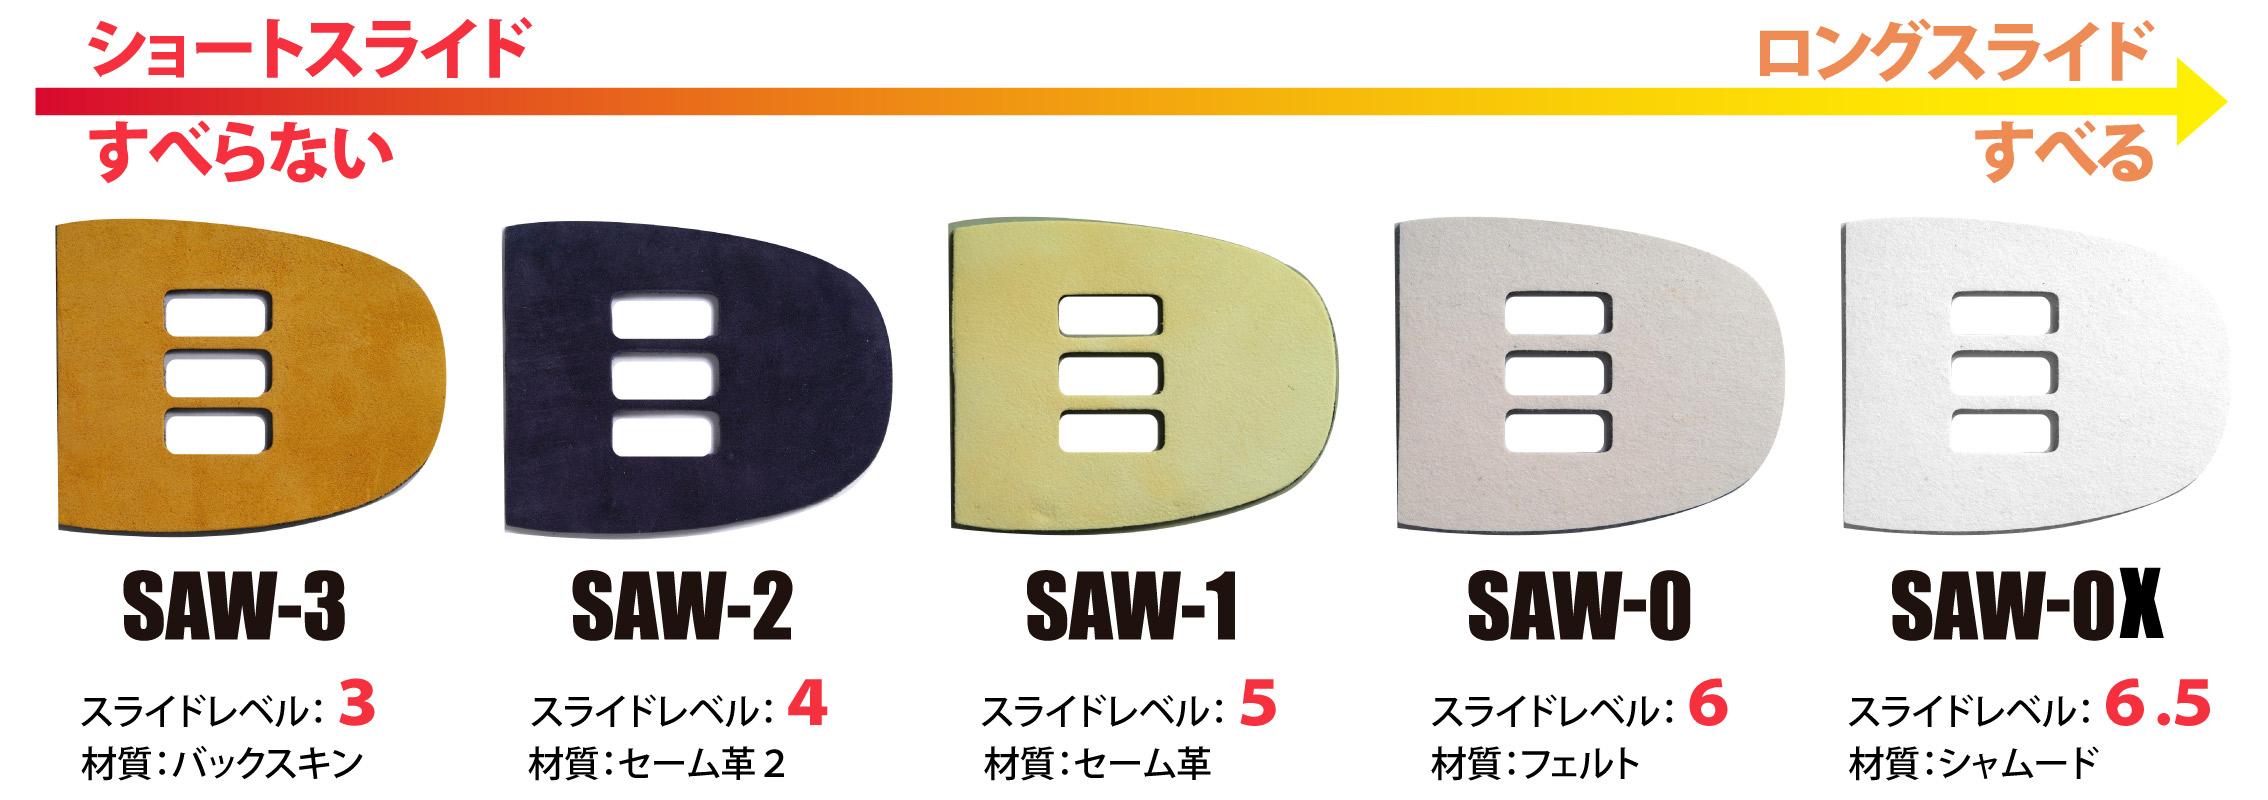 スライドソール SAW-3